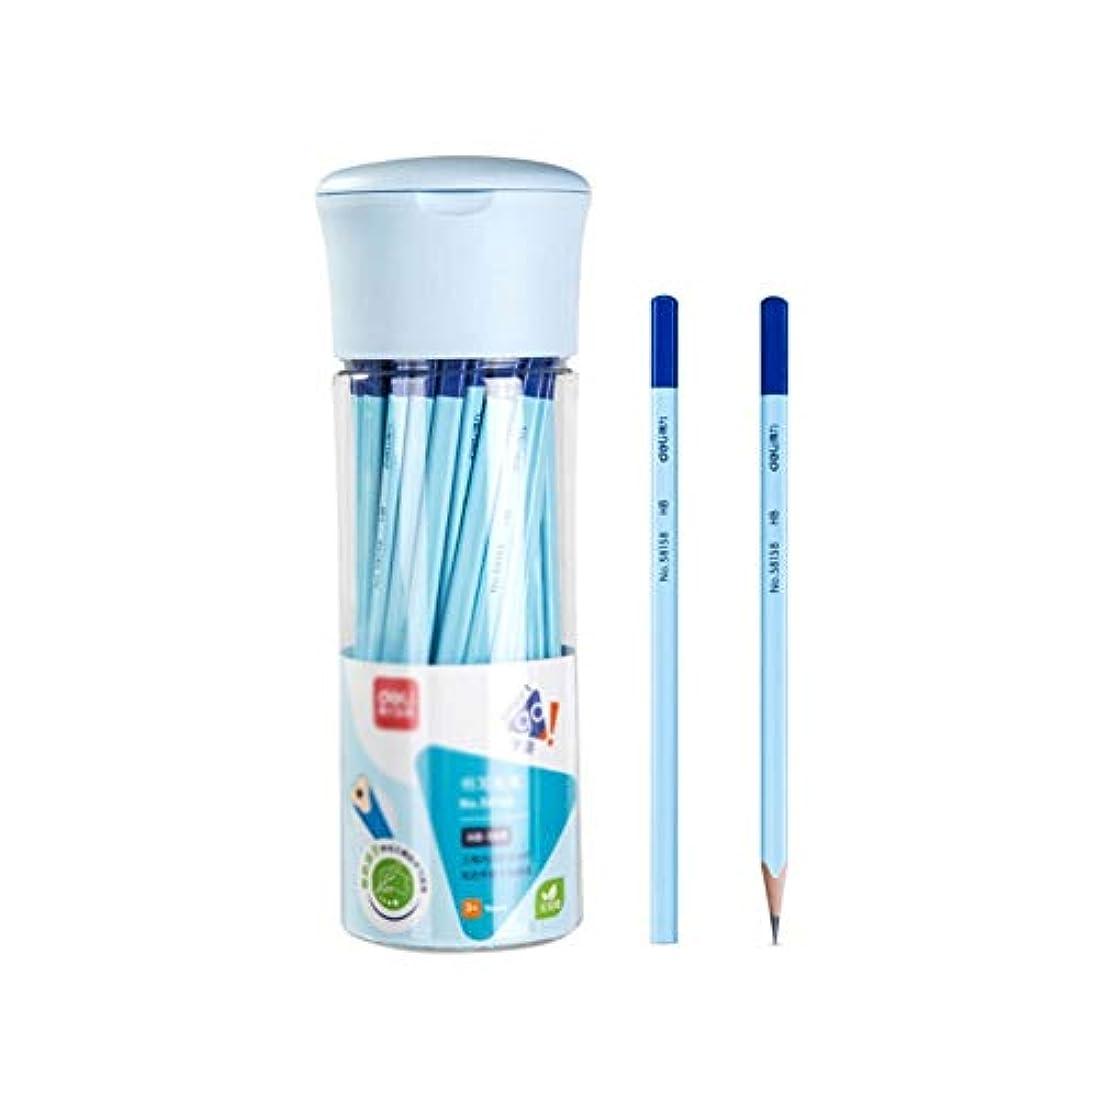 負父方のブルジョンKaiyitong001 ペイントブラシ、グリップ、快適な三角形、凹型鉛筆、修正グリップ、50バレルの木製スケッチペイントブラシ(50パック、7 * 24cm) 豊かな線を描く (Color : Blue, Size : 7*24cm)